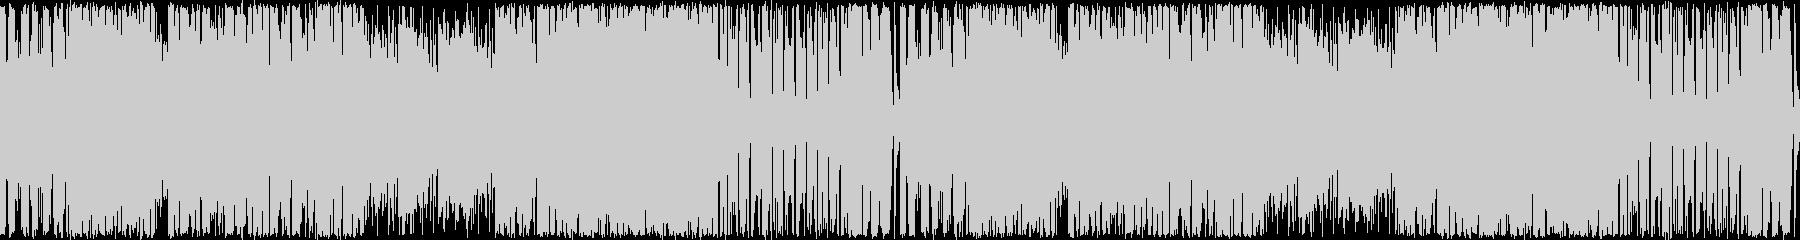 ハイテンションなピコピコシンセ/ループ版の未再生の波形